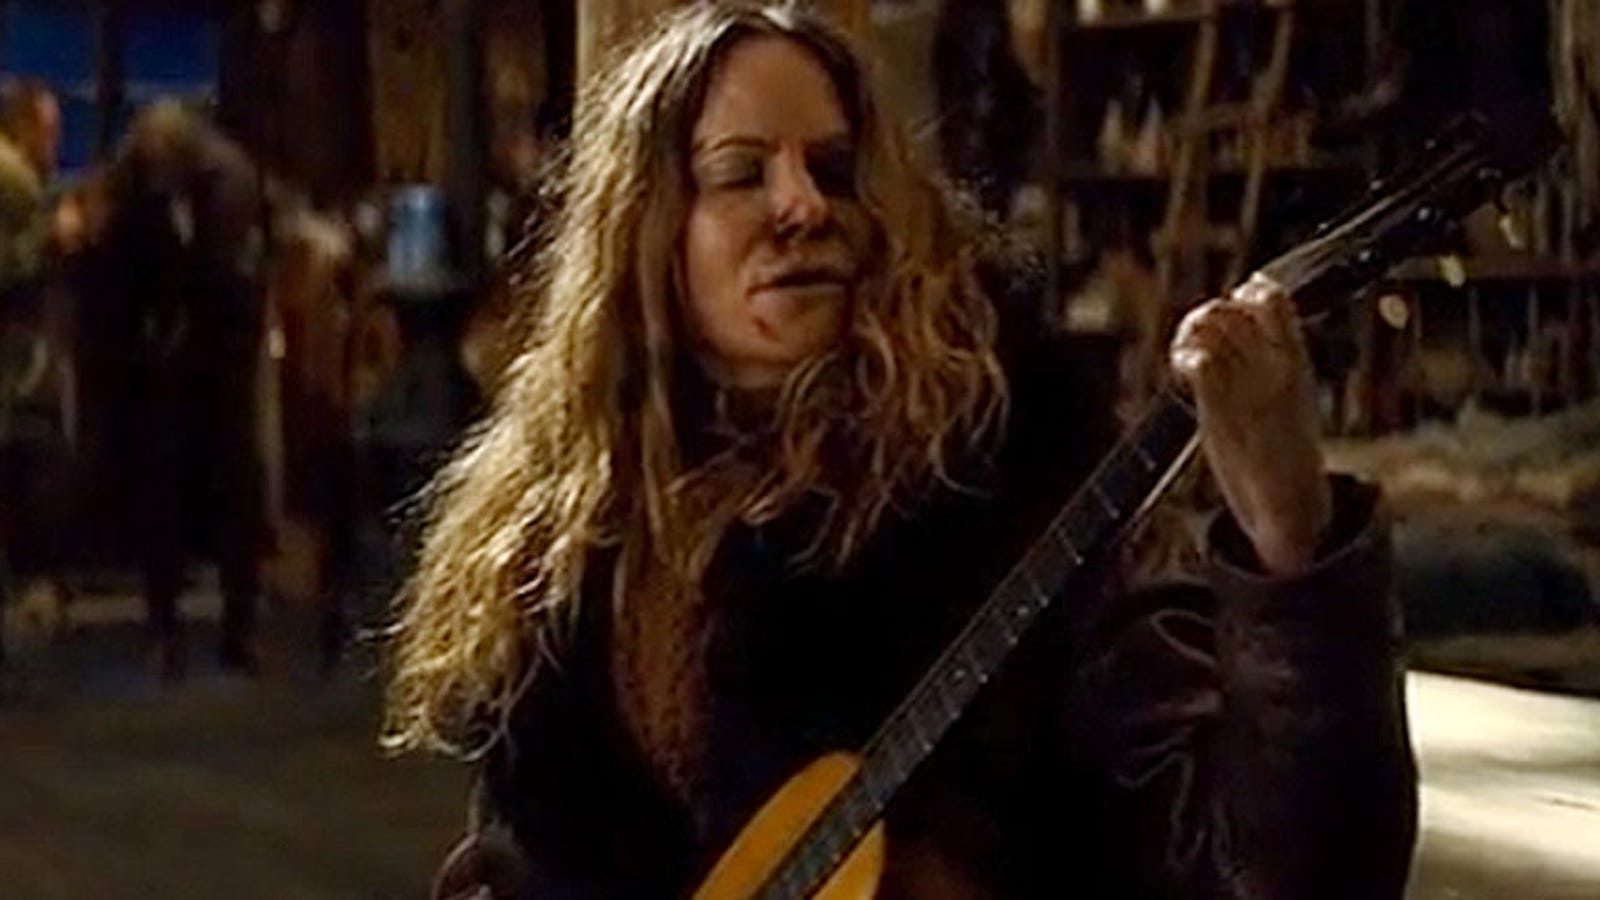 El equipo de rodaje de The Hateful Eight destrozó una guitarra de 145 años por error